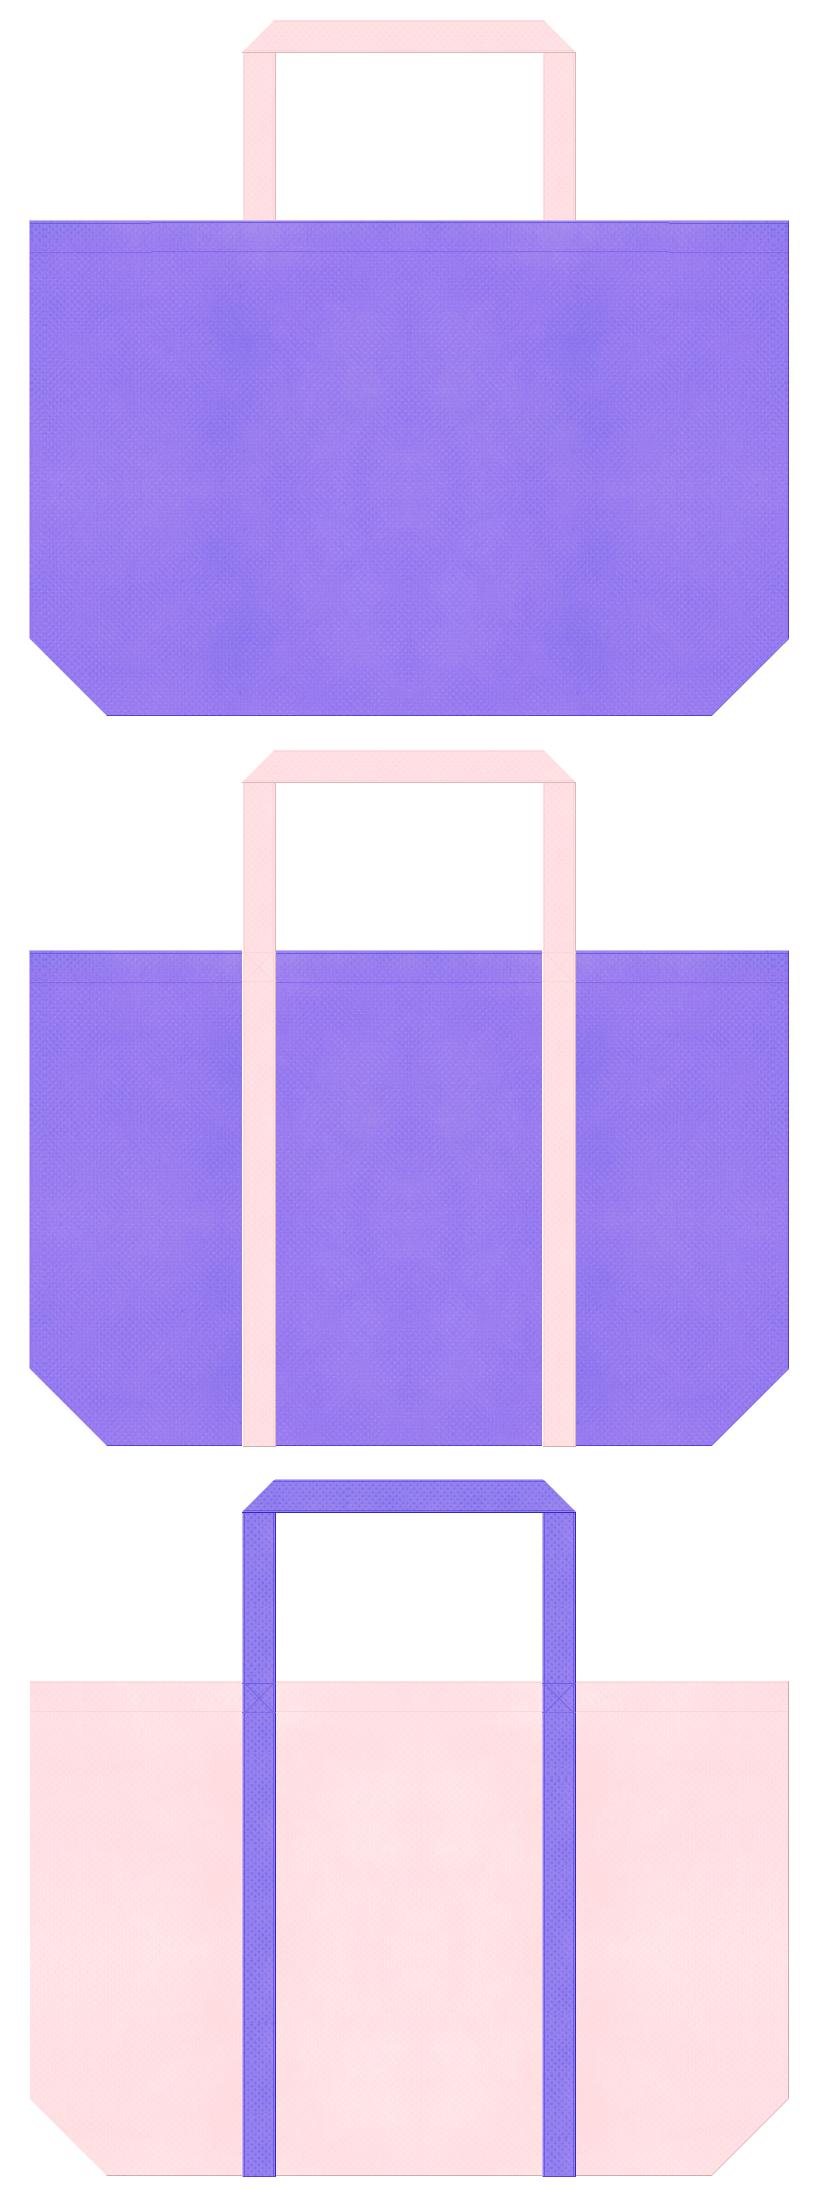 ガーリーデザイン・パステルカラーにお奨めの不織布ショッピングバッグ:薄紫色と桜色のデザイン